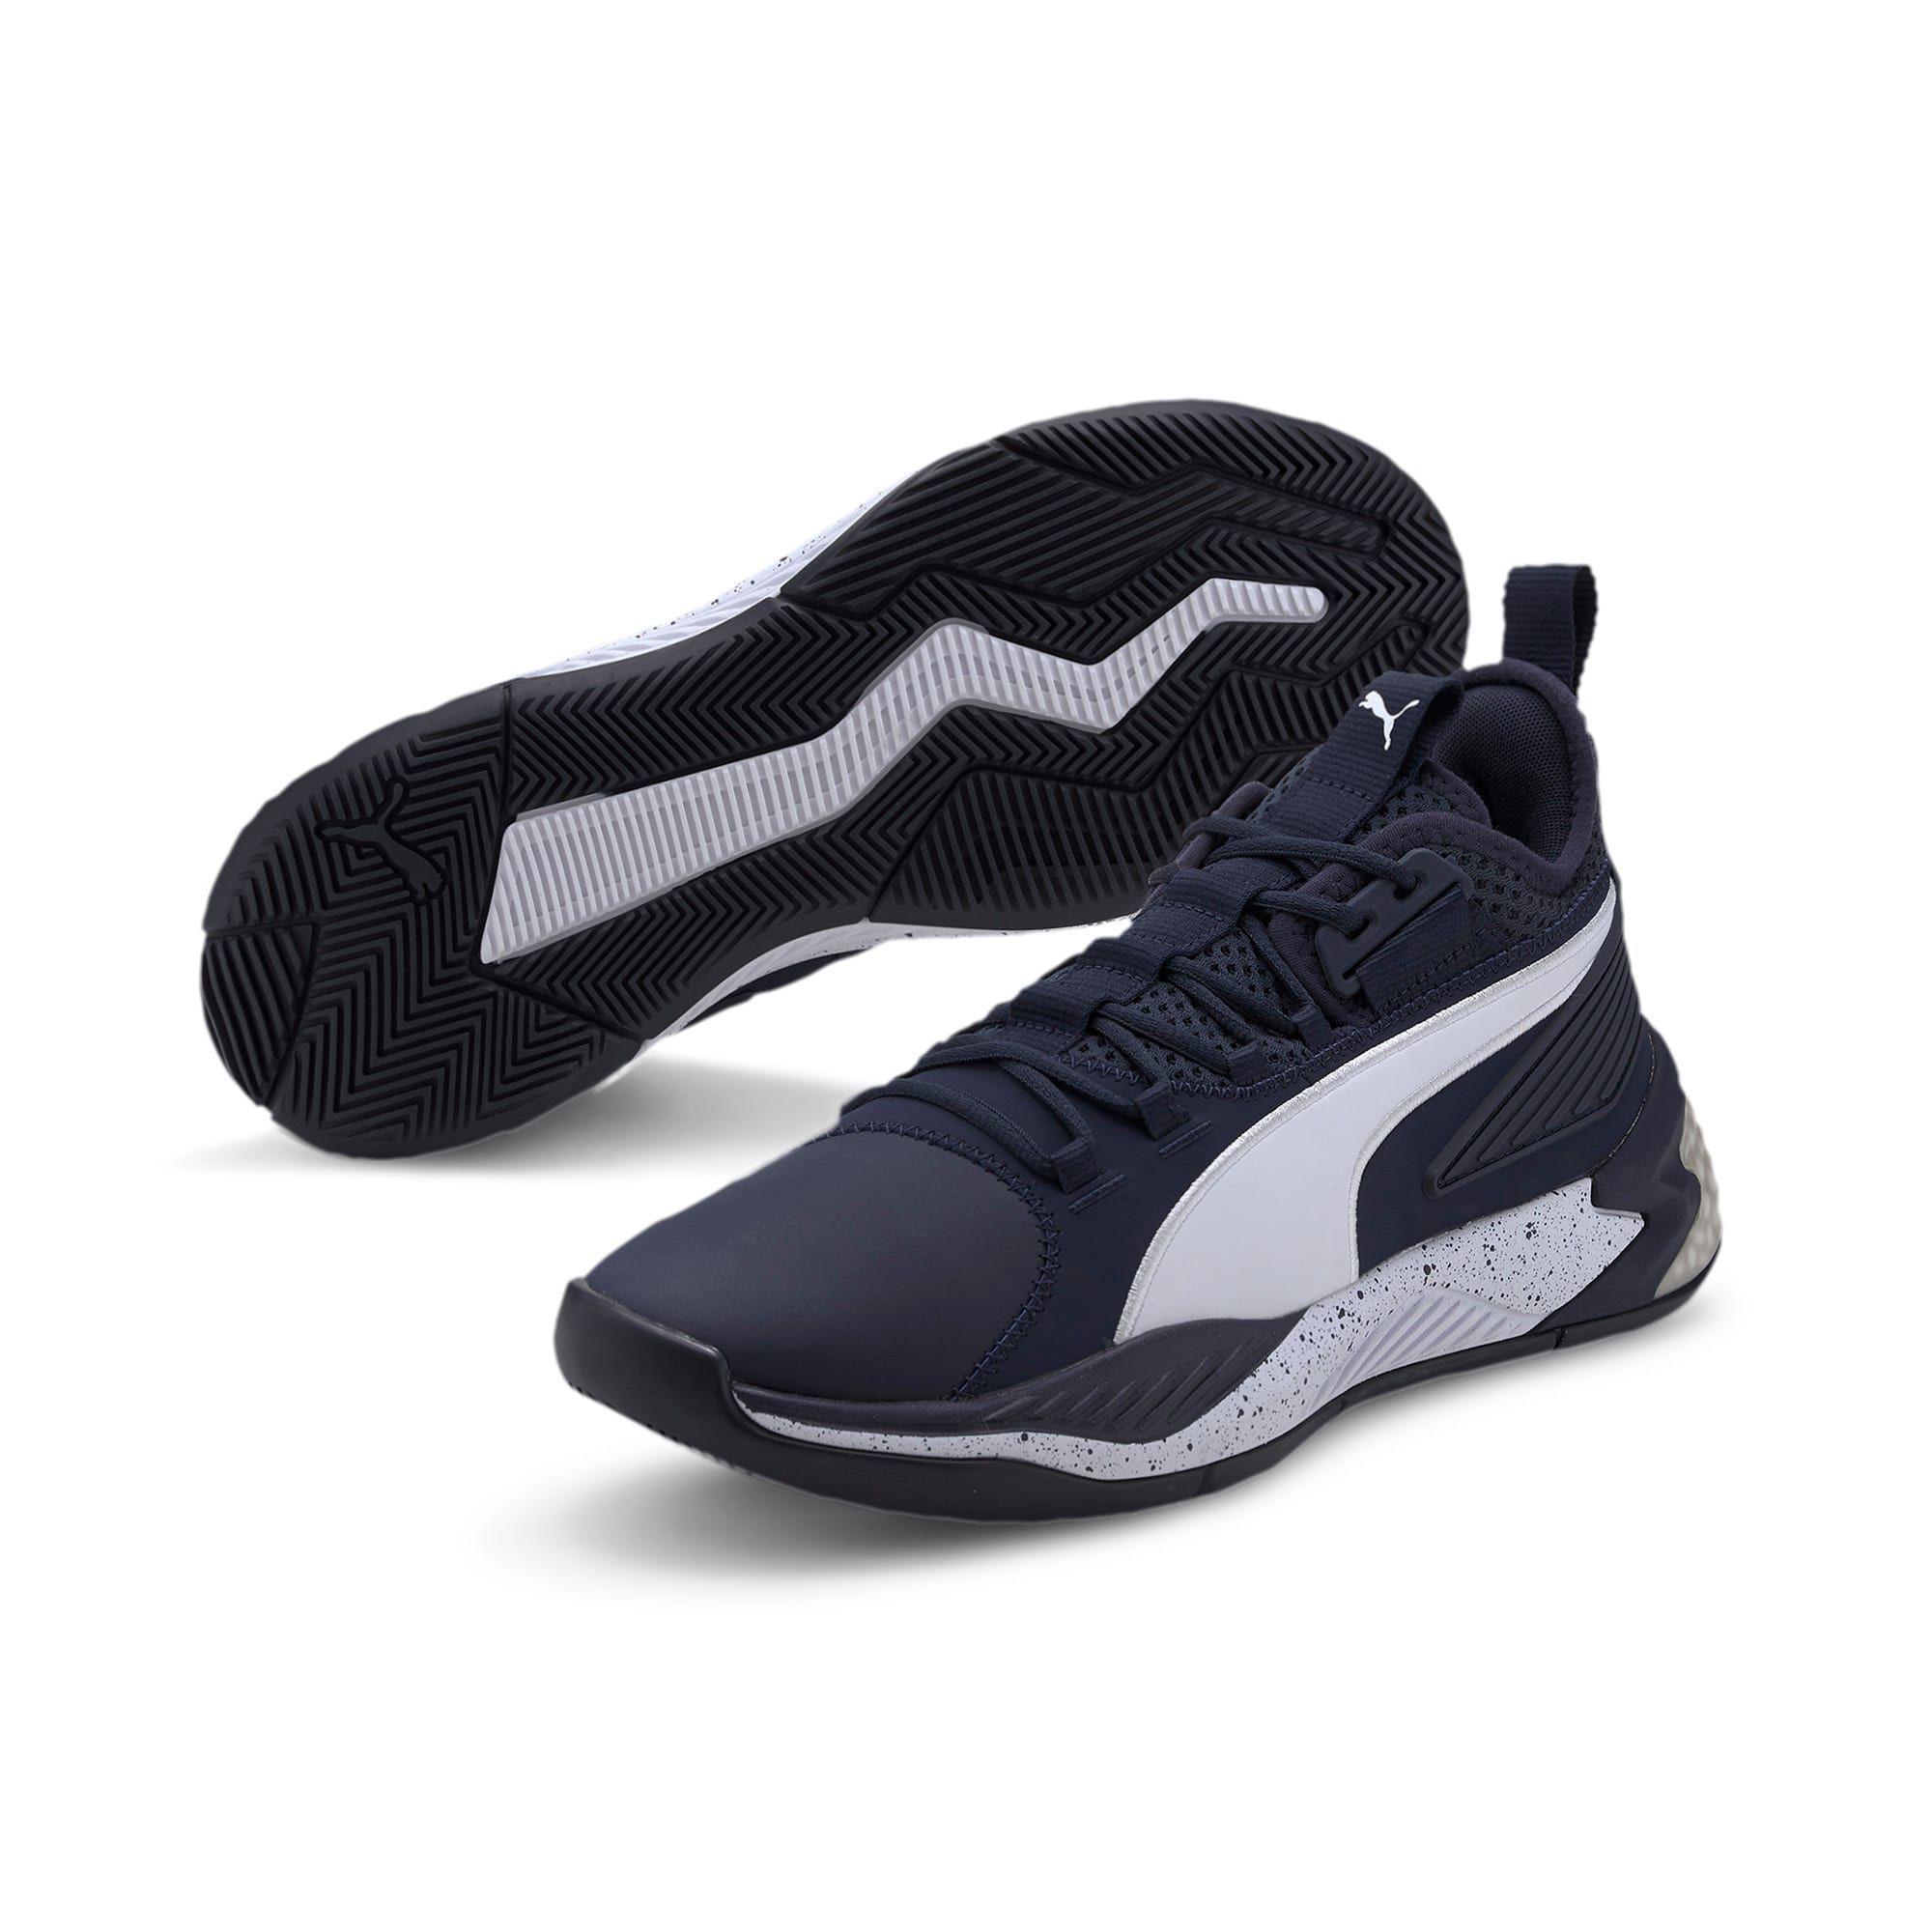 chaussures puma homme bleu